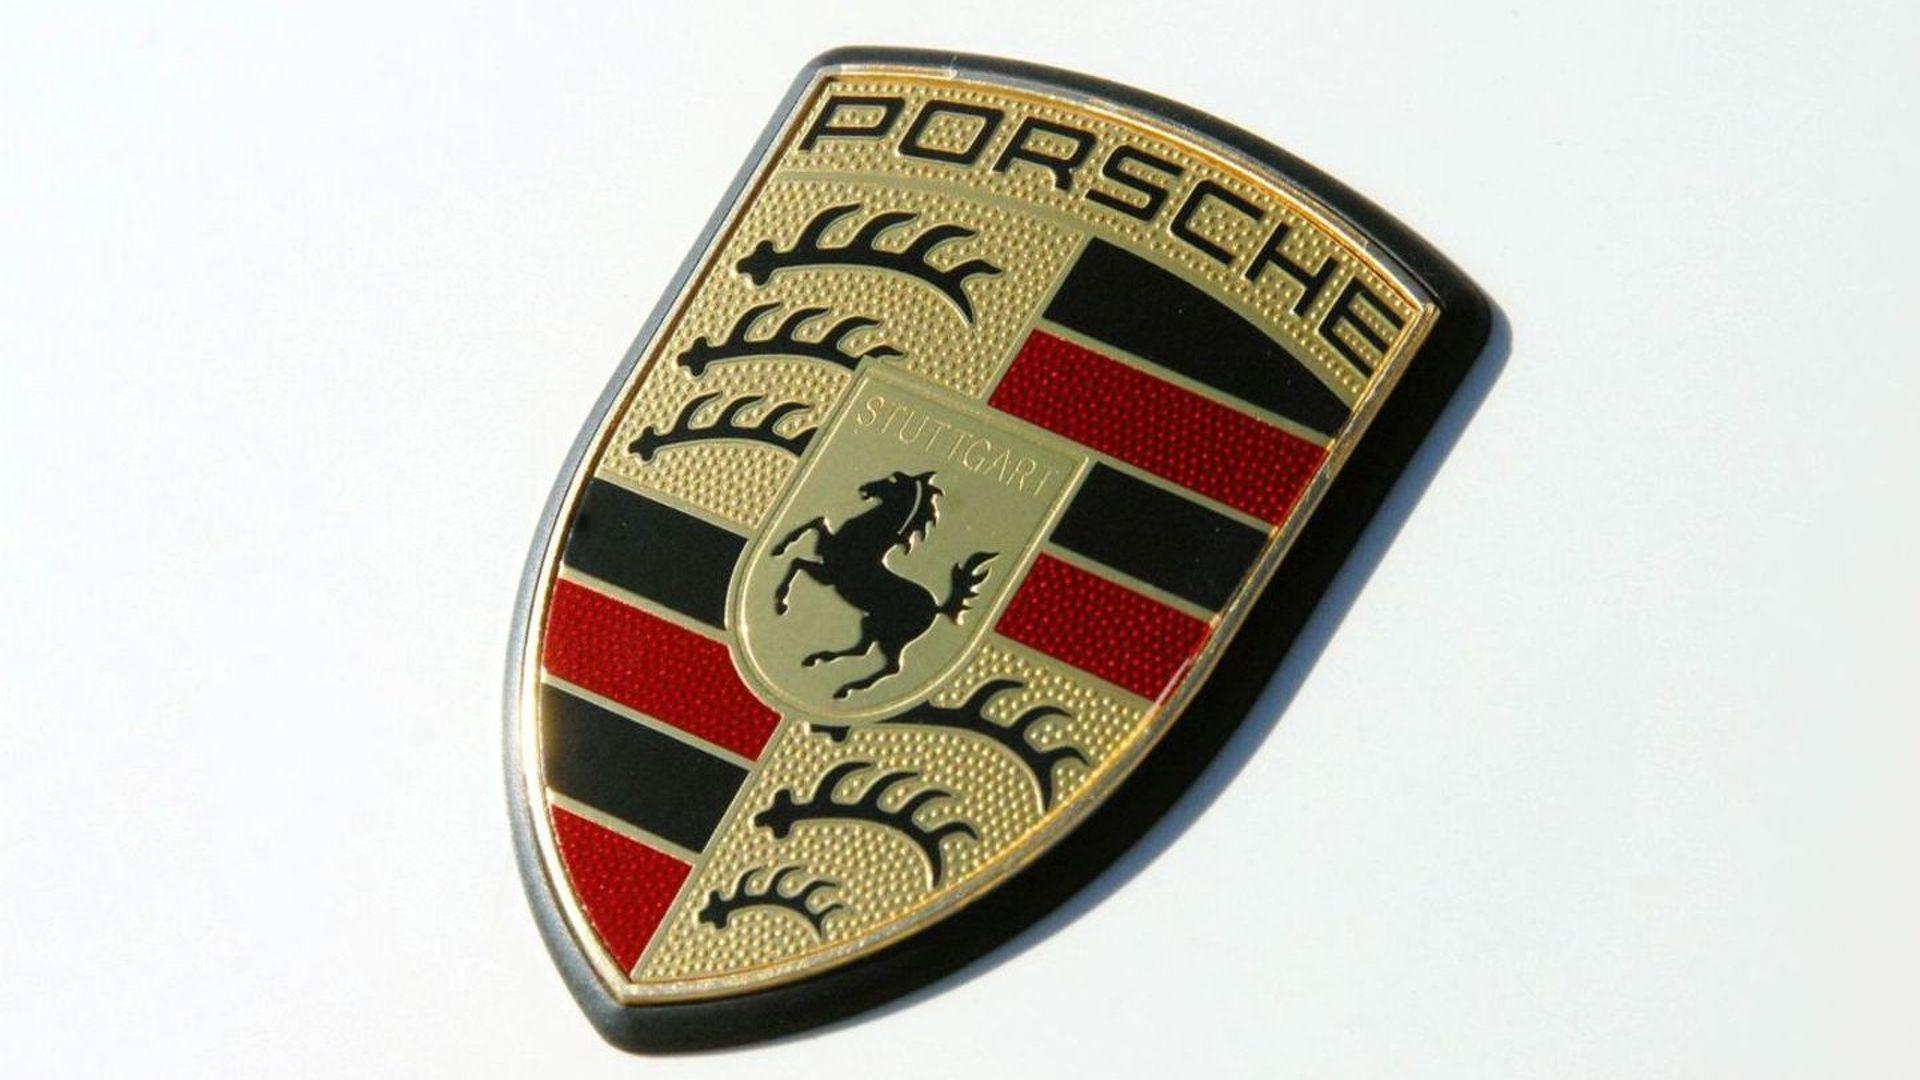 Porsche 960 four-door coupe headed for 2015 launch - report